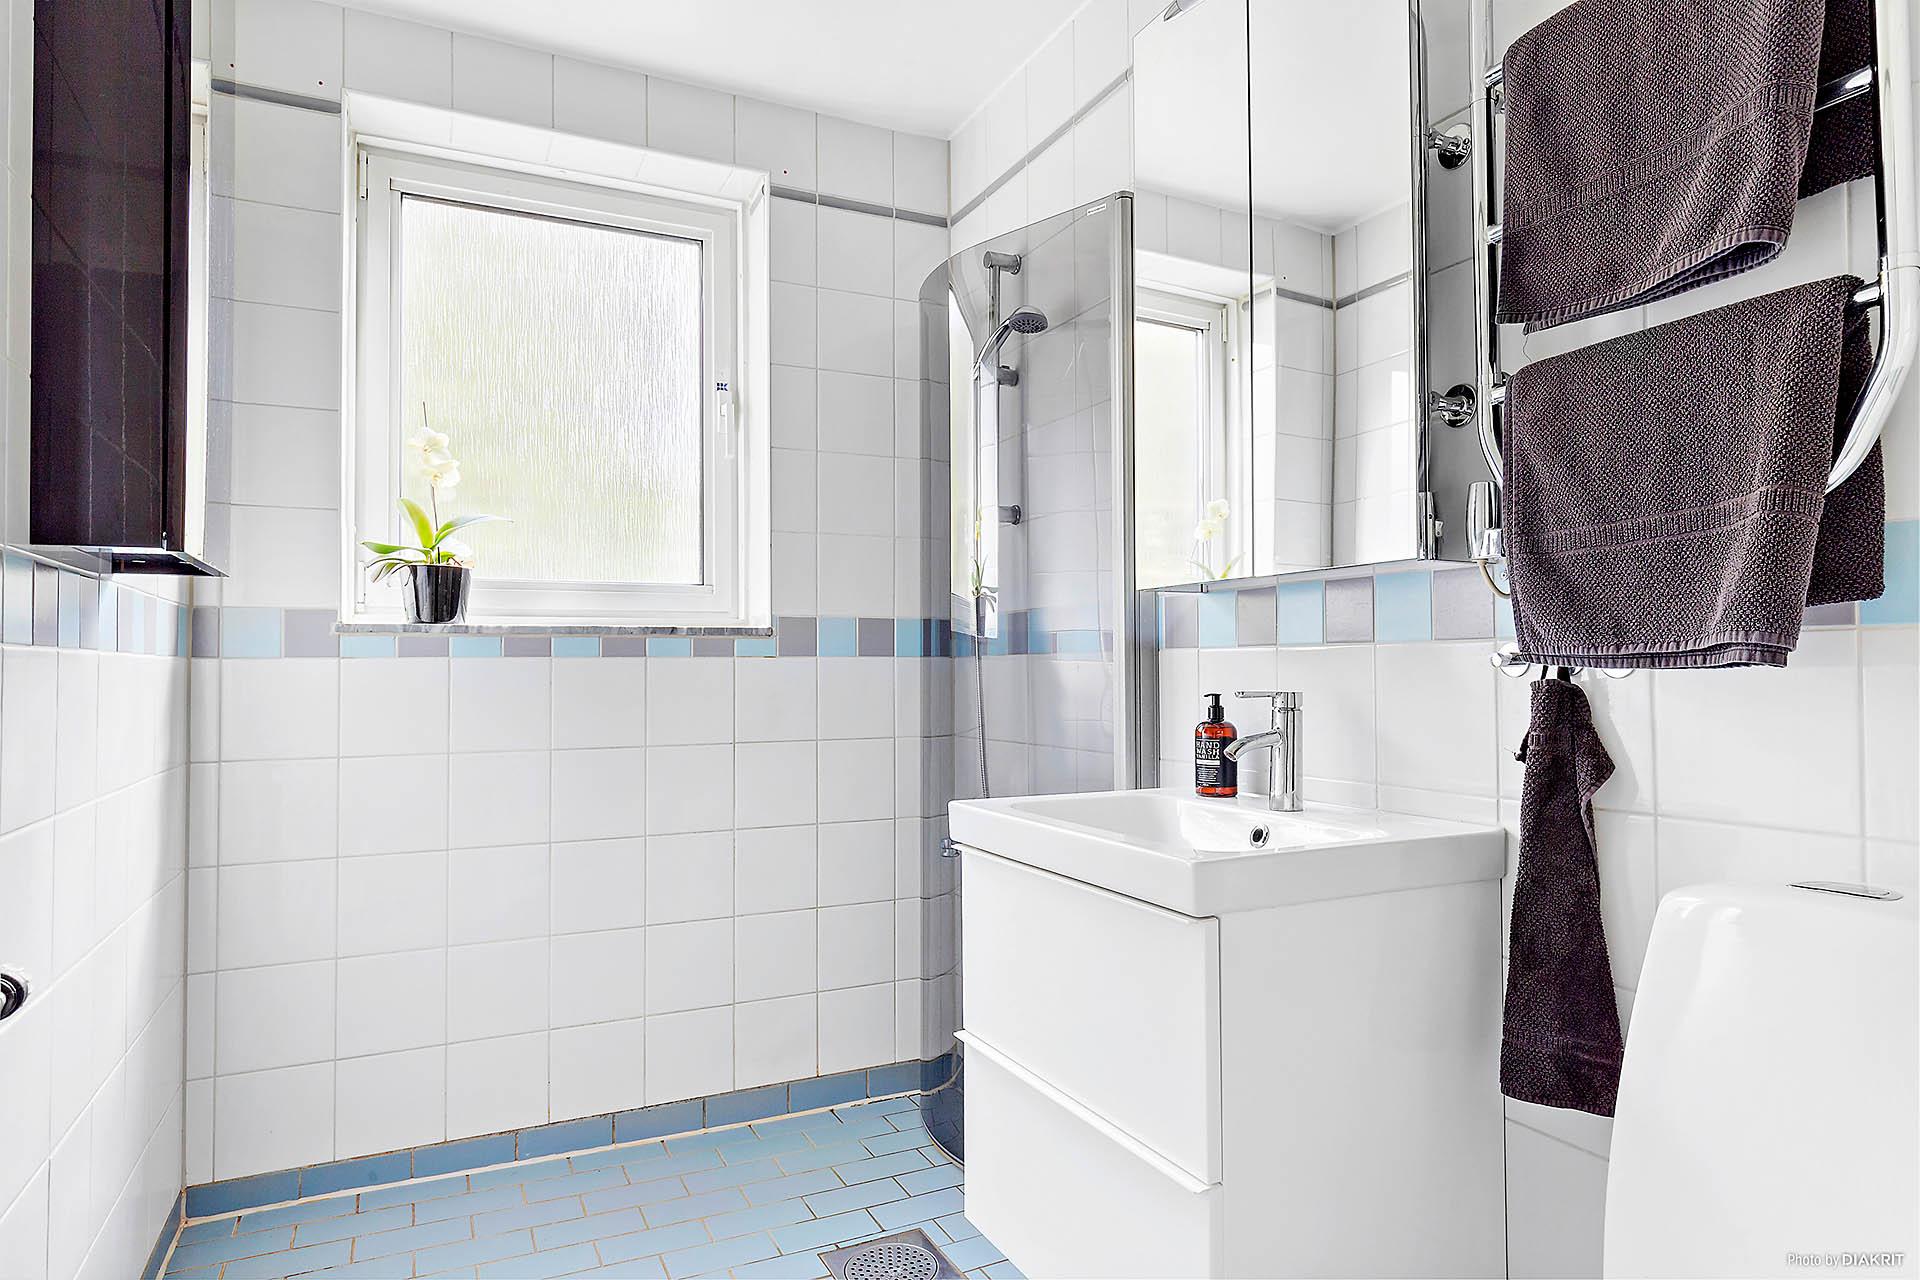 Rymligt badrum med nyare badrumsmöbler.